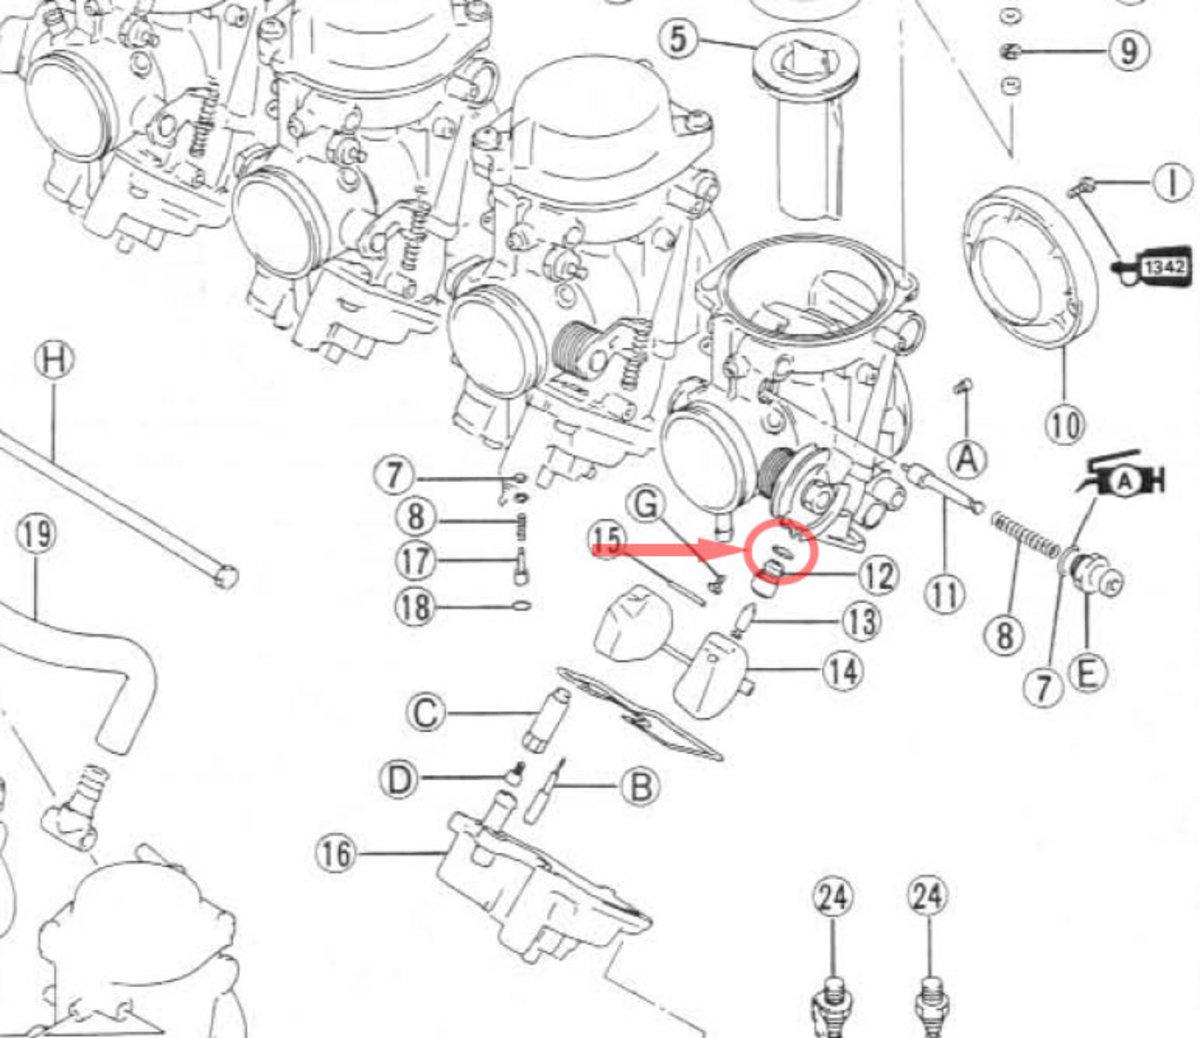 2006 hayabusa wiring diagram 2003 suzuki gsxr 600 wiring diagram ...